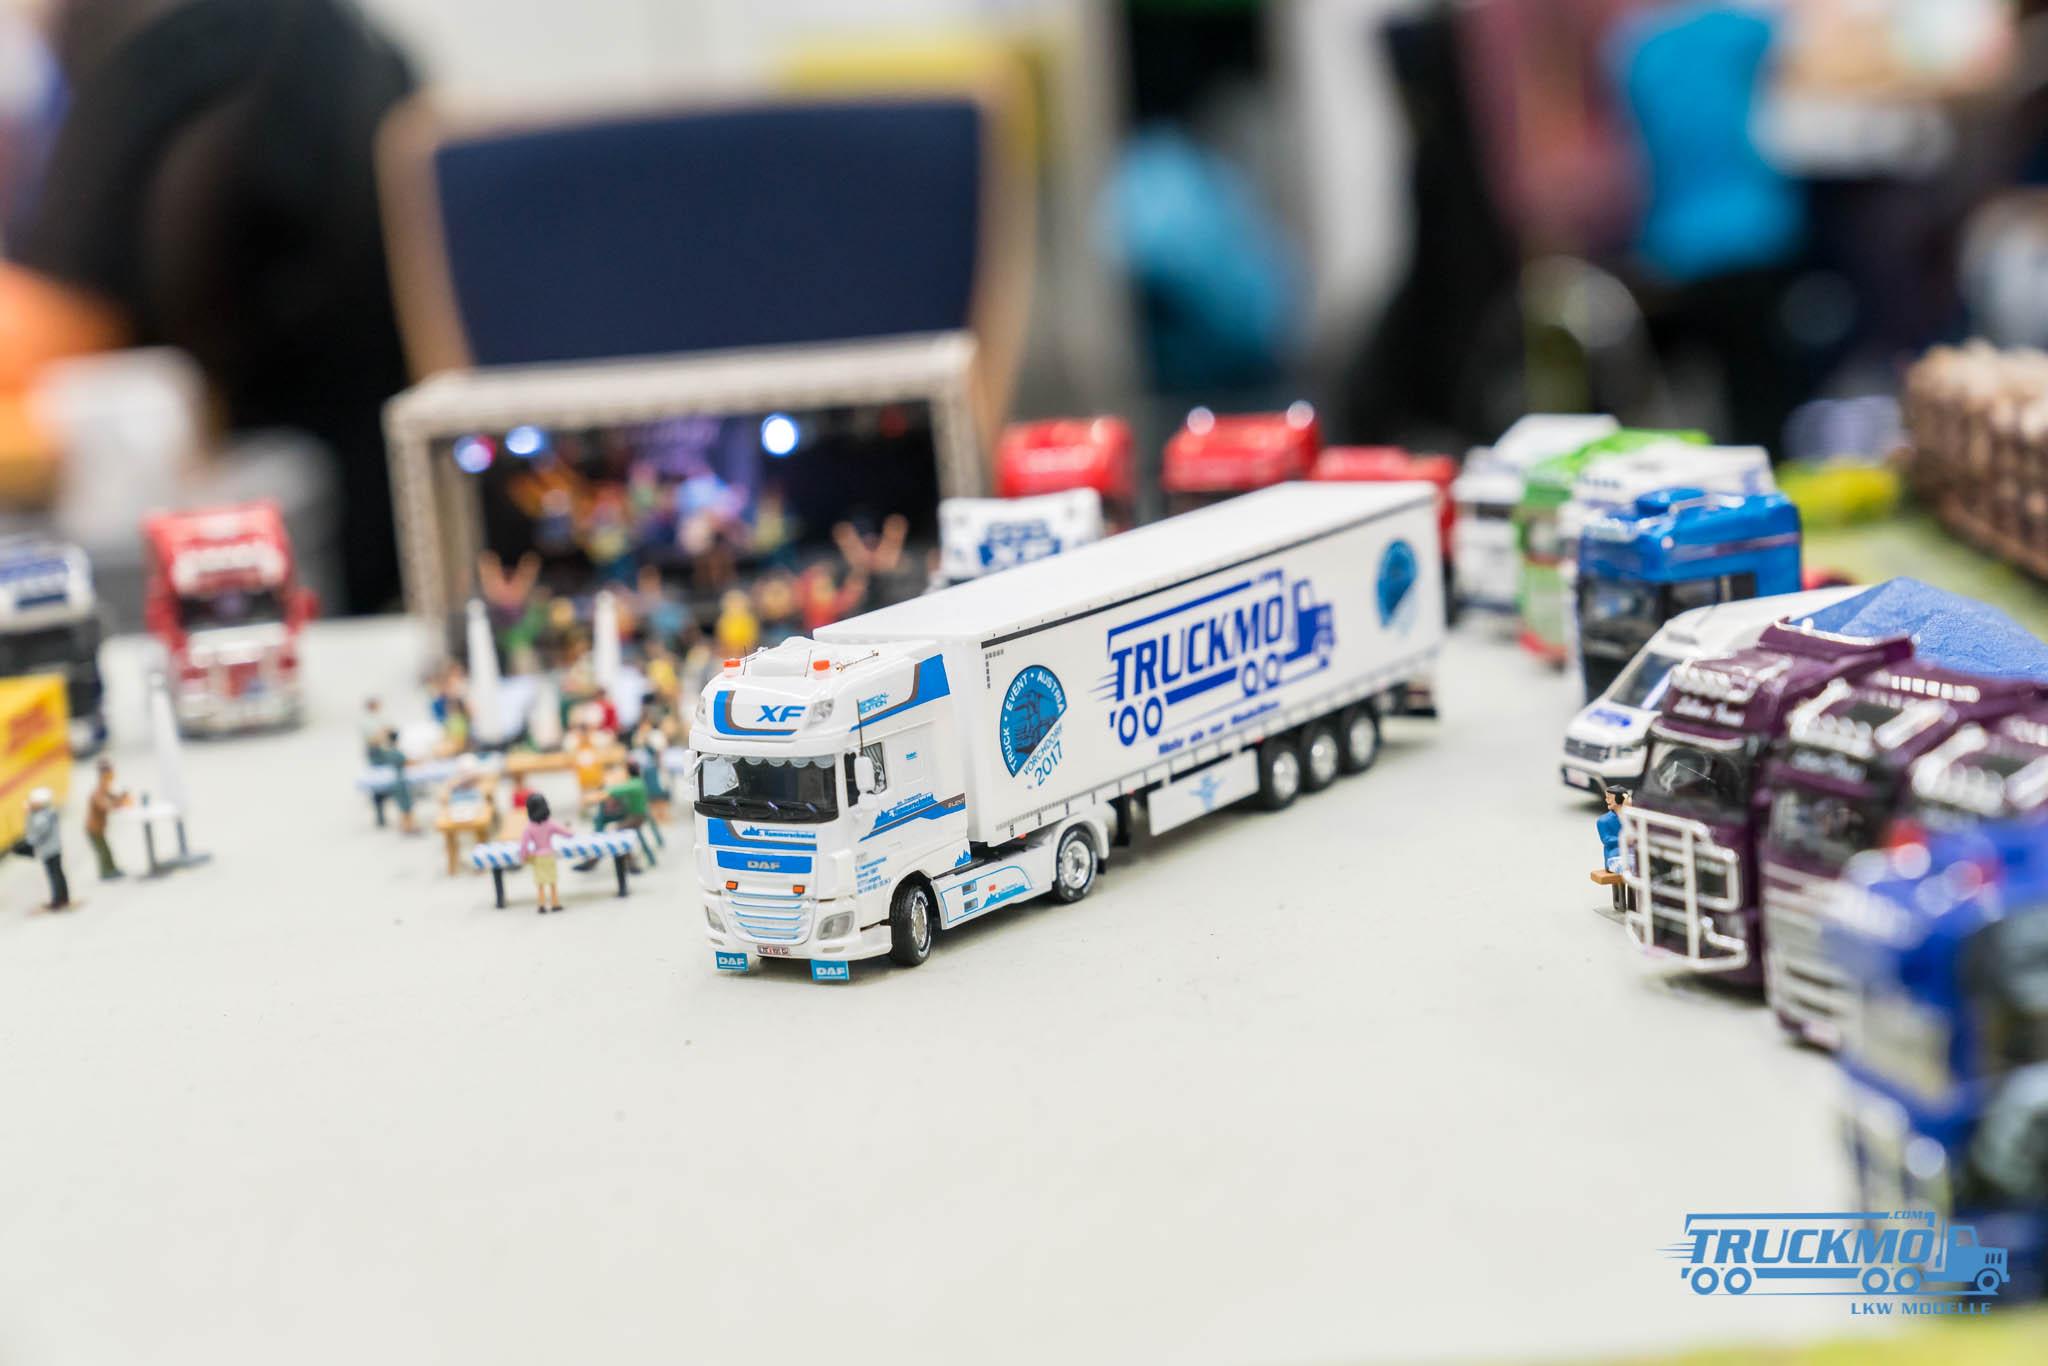 Truckmo_Modellbau_Ried_2017_Herpa_Messe_Modellbauausstellung (190 von 1177)